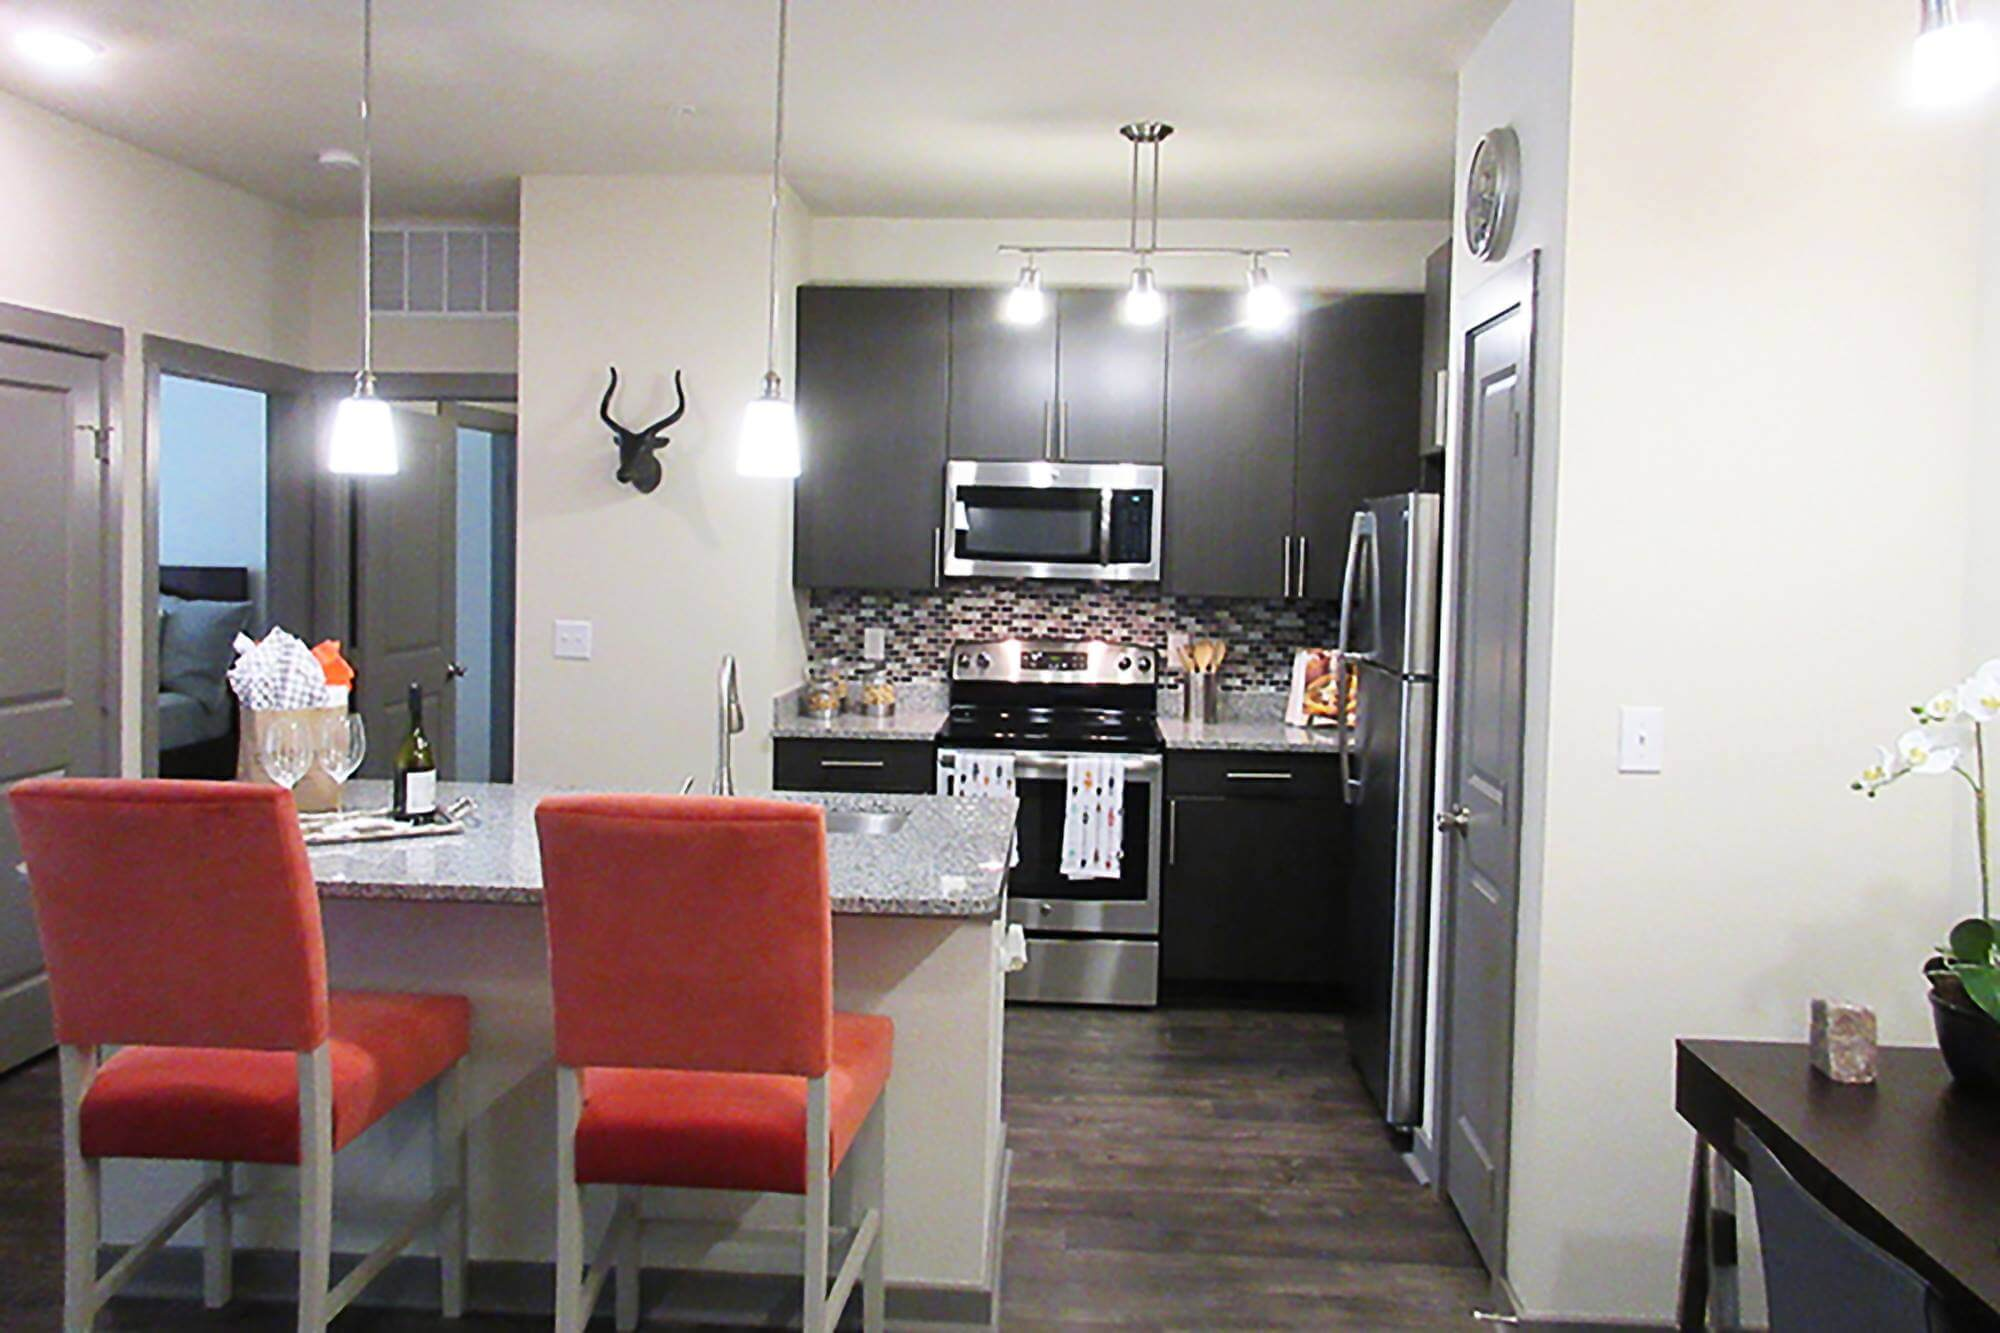 Axis Hamilton Apartments in San Antonio, TX